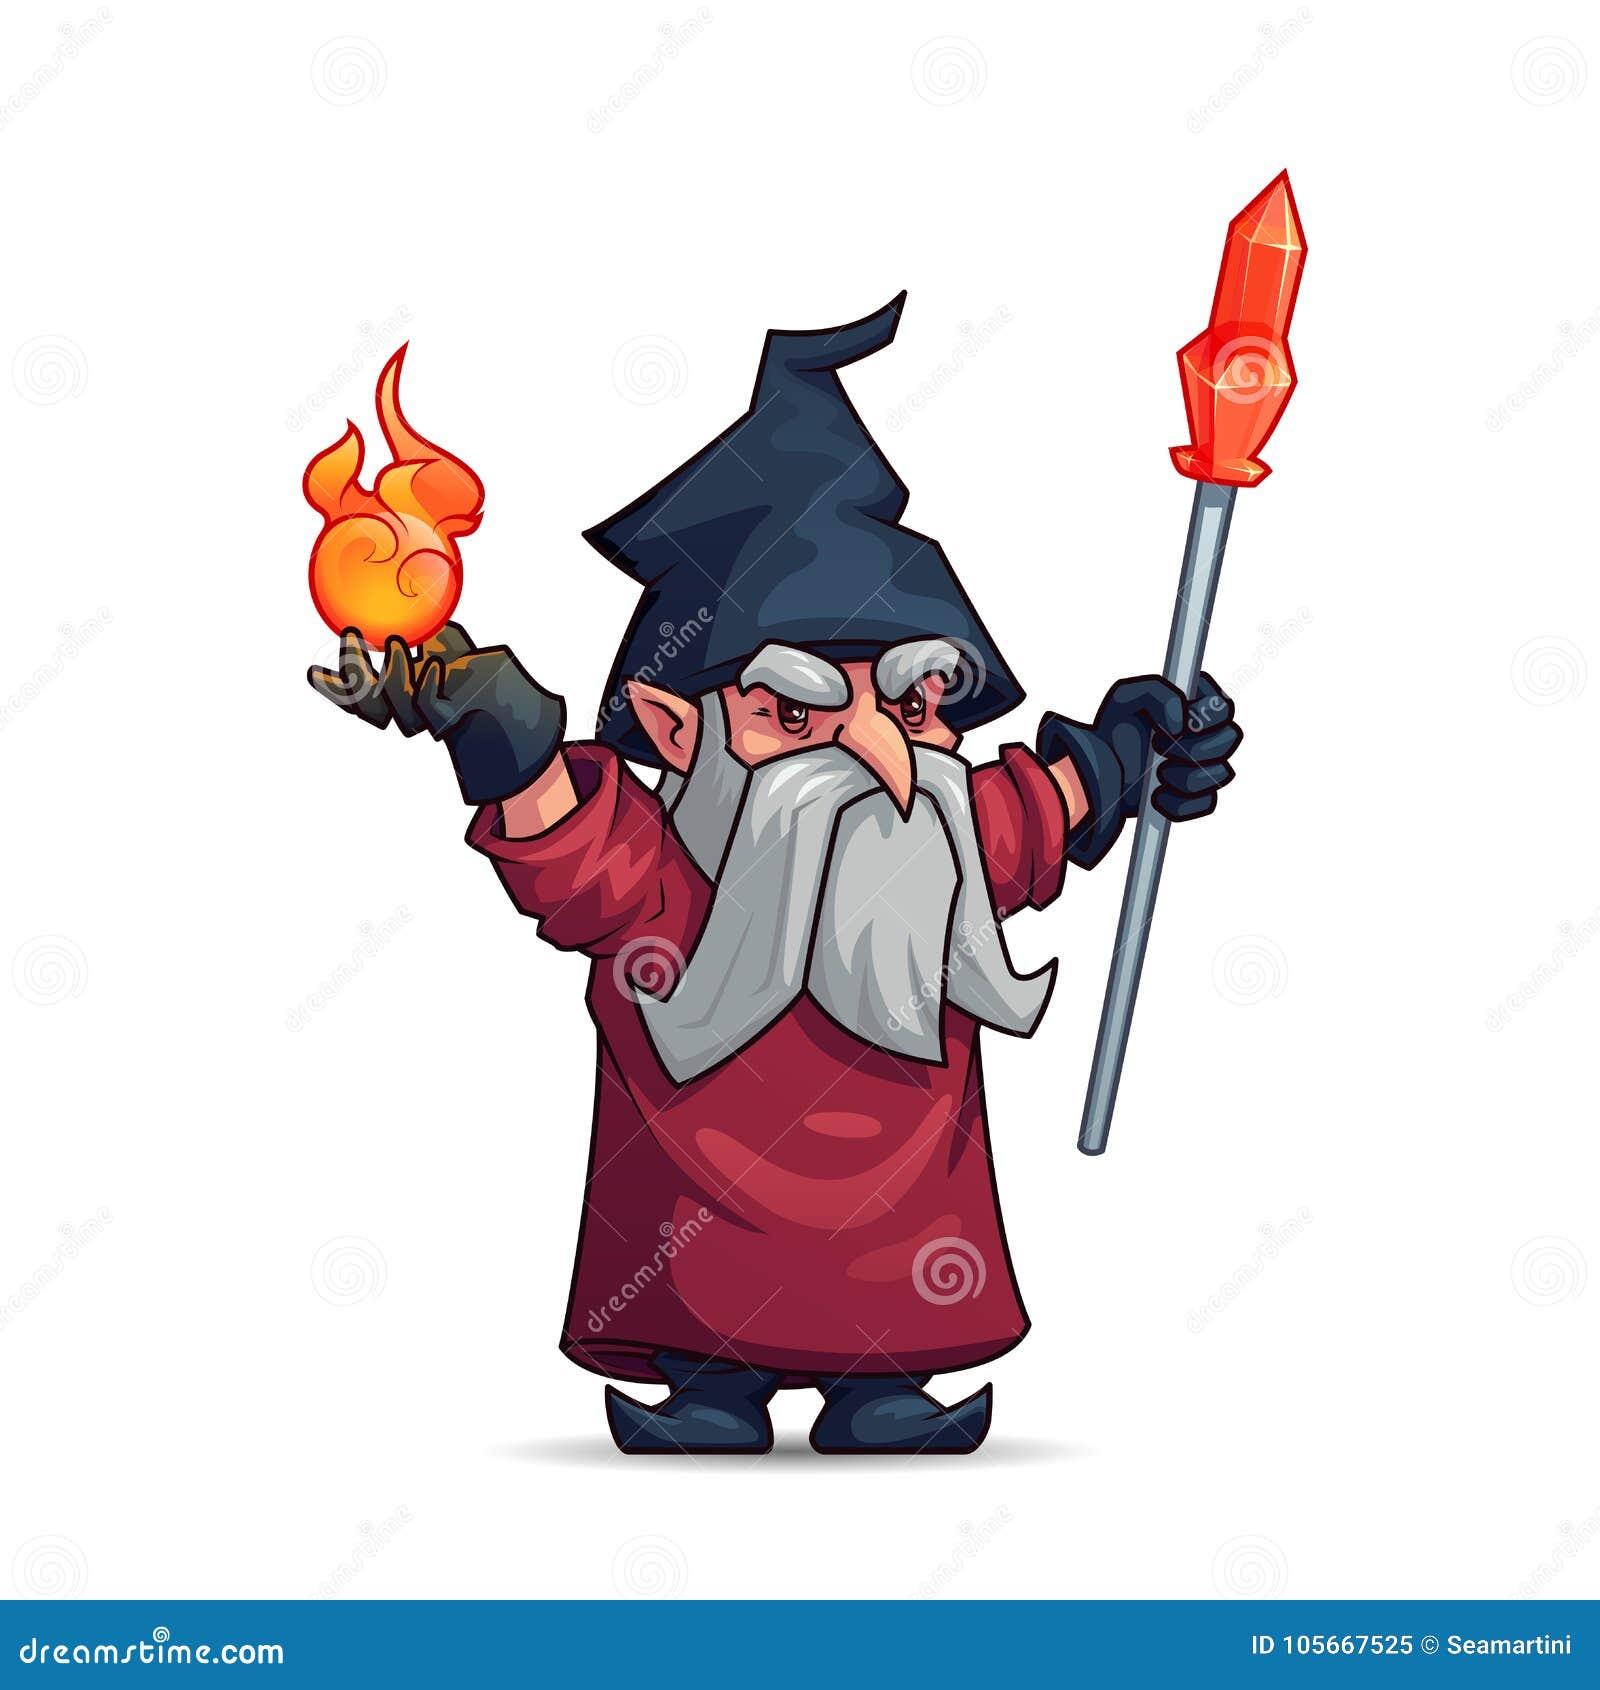 Viejo personaje de dibujos animados del mago, del hechicero o del mago